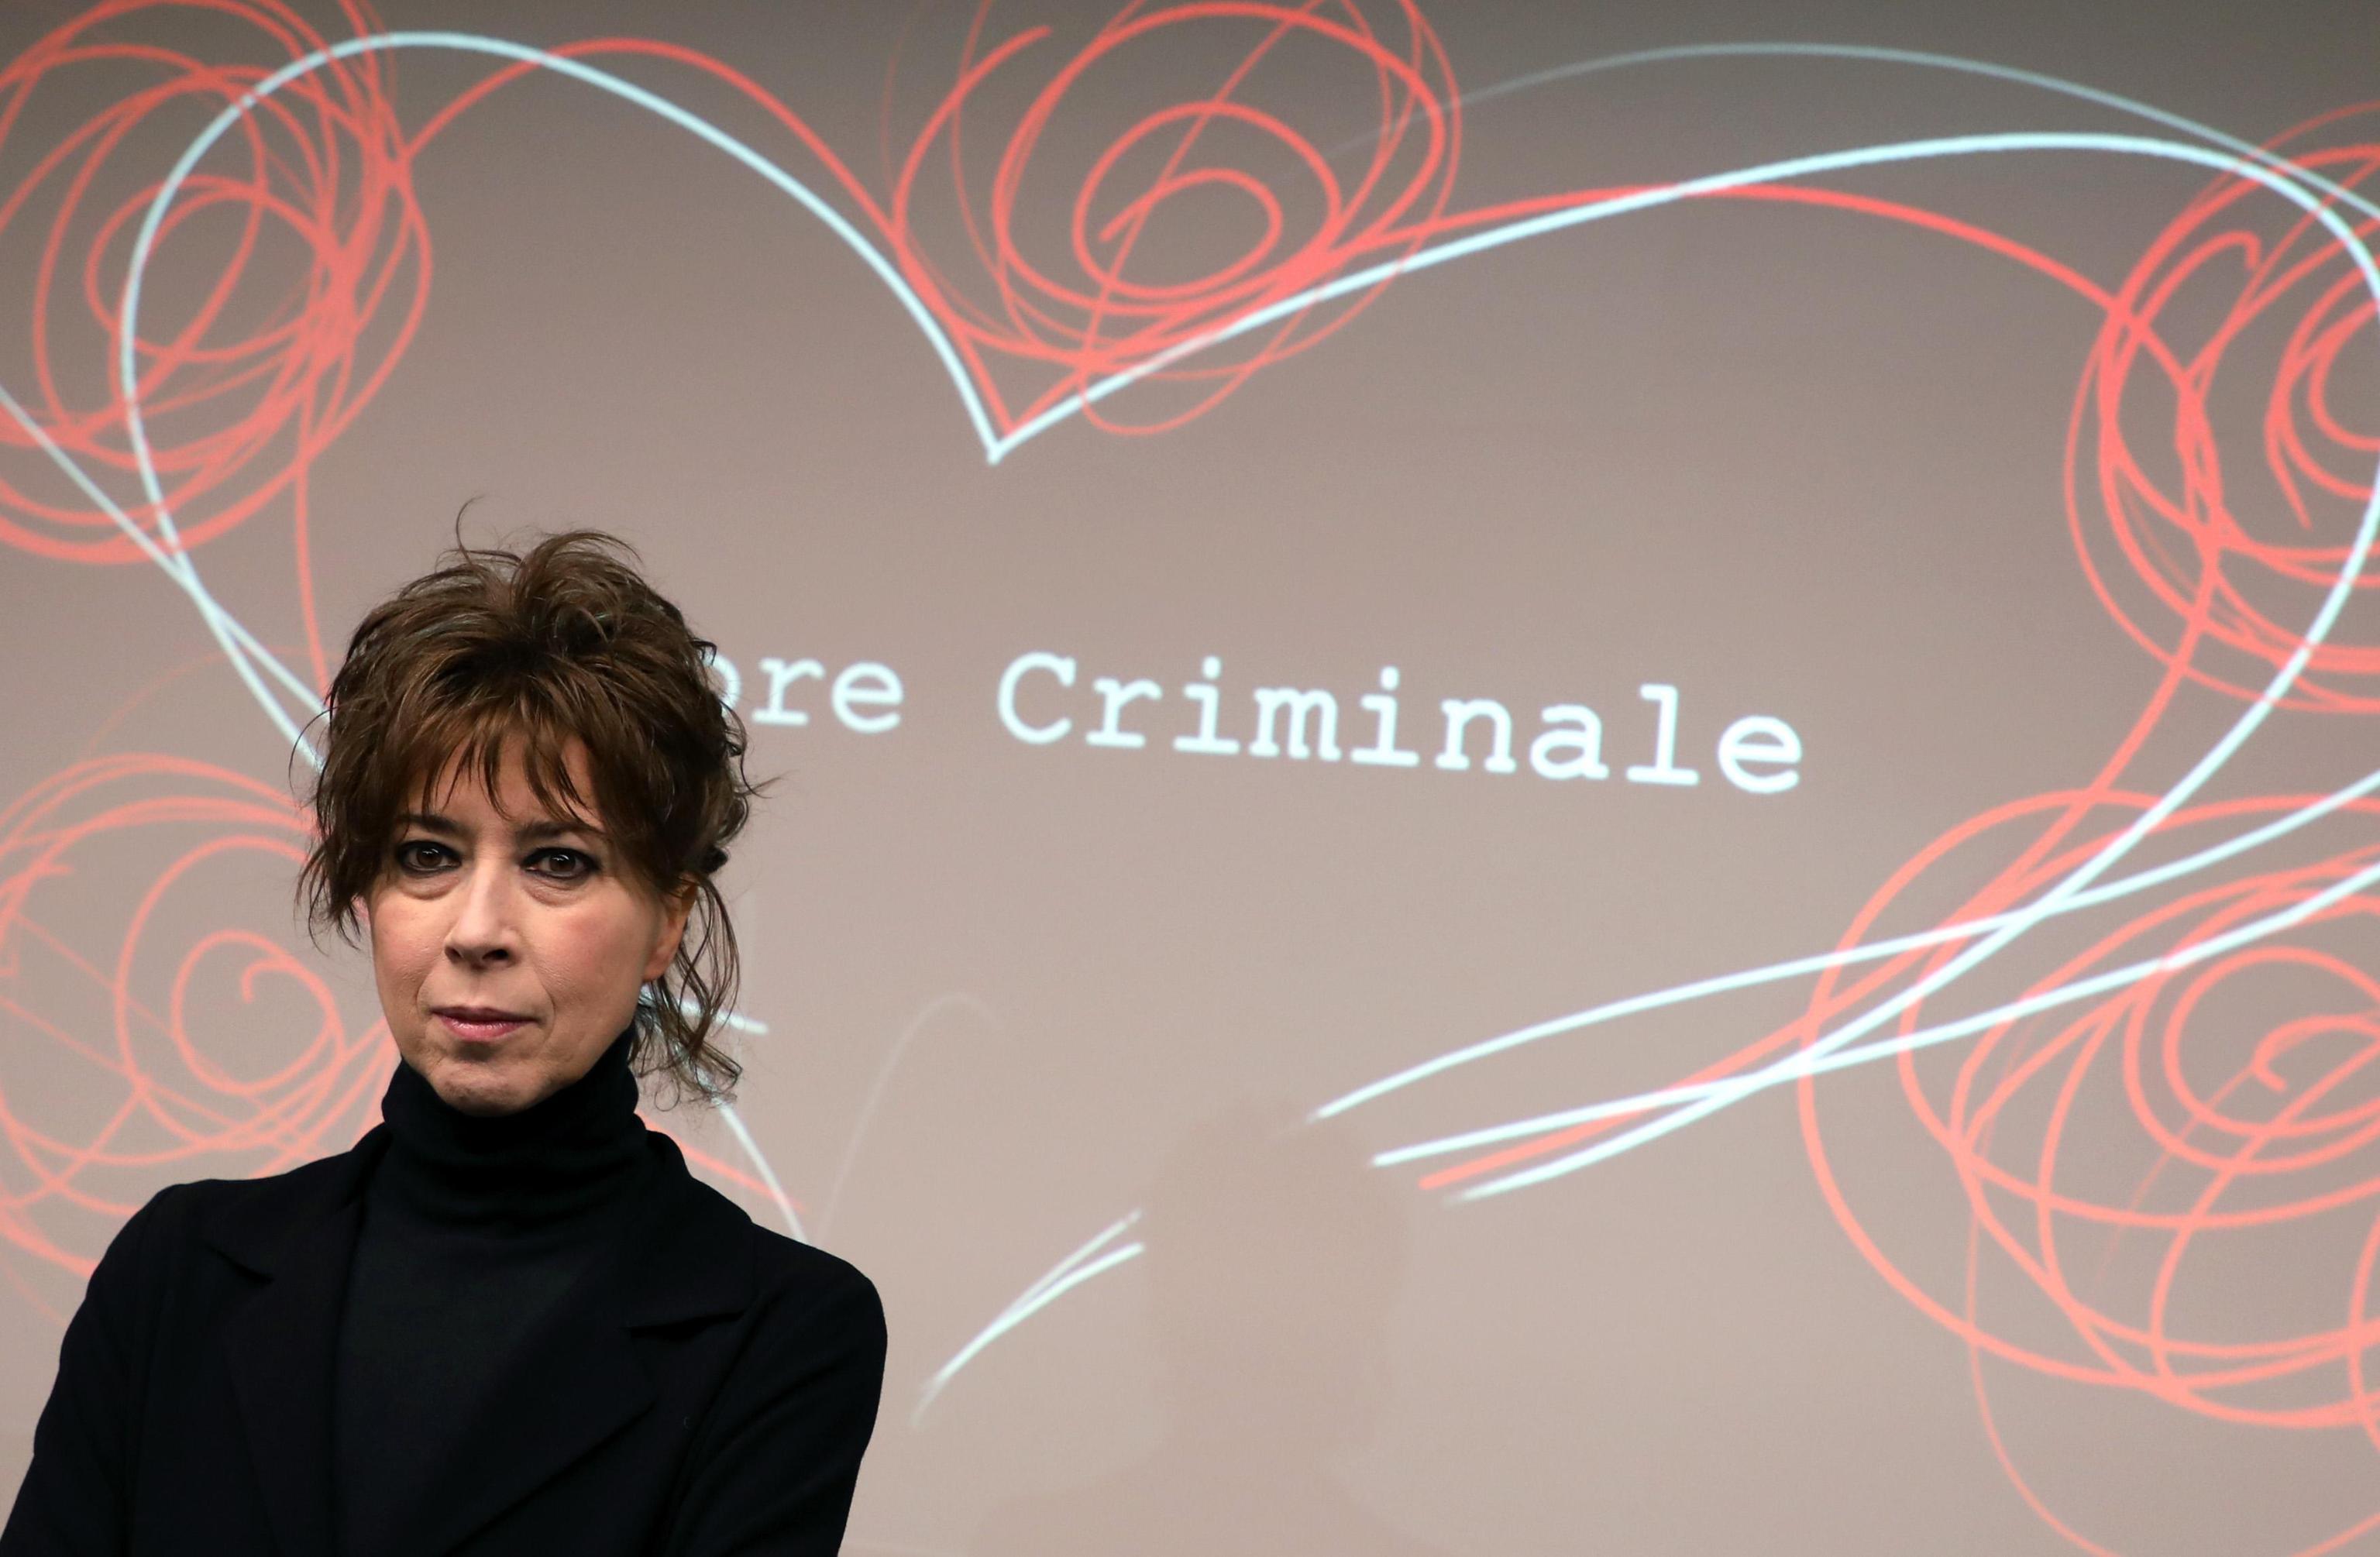 Amore Criminale 2018 verso la chiusura? La richiesta alla Rai